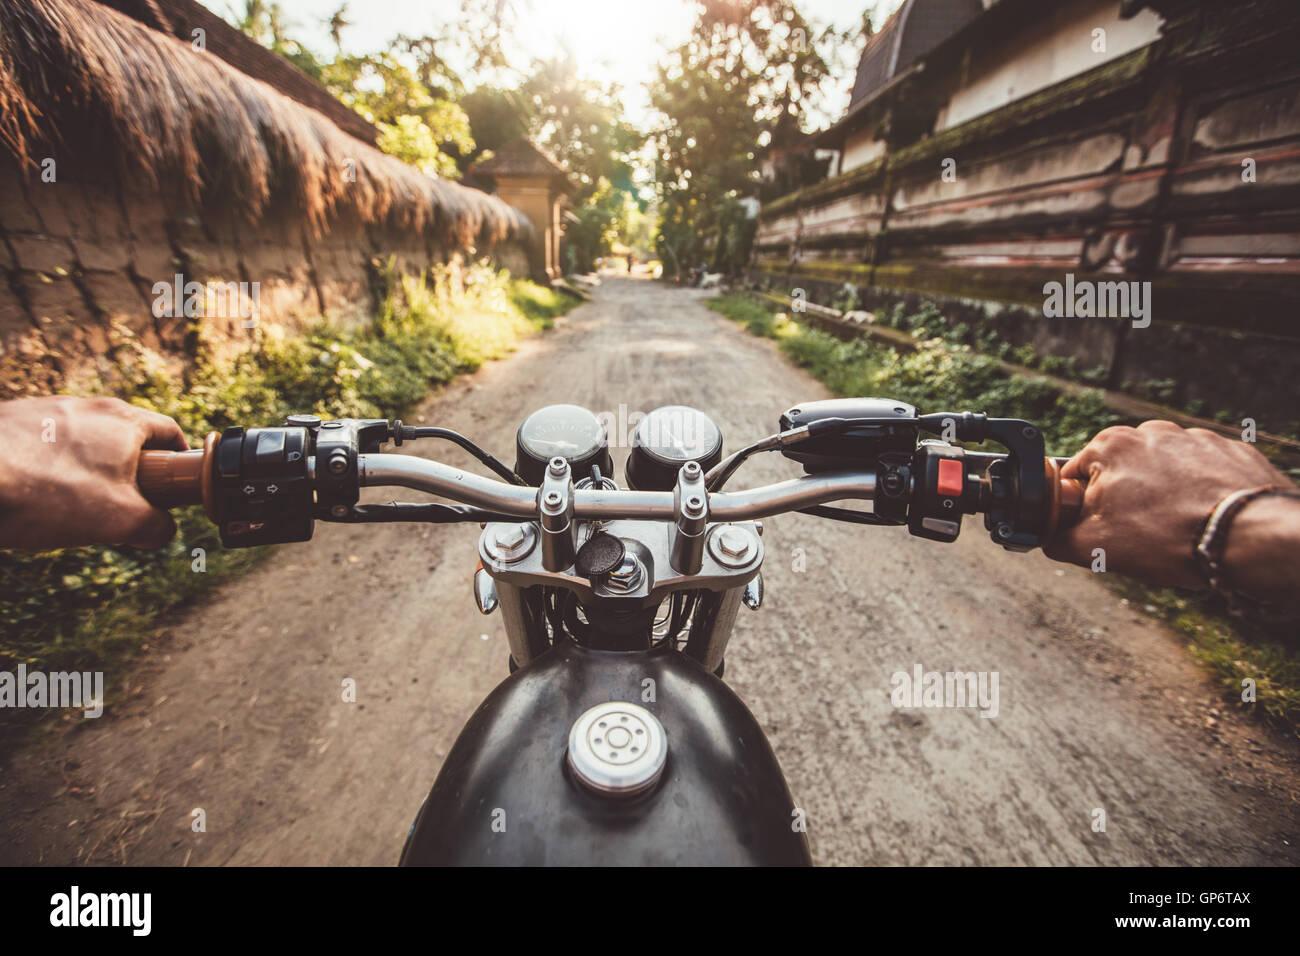 Biker roulant sa moto sur route de campagne dans un village. Point de vue avec l'accent sur le guidon et l'homme Banque D'Images